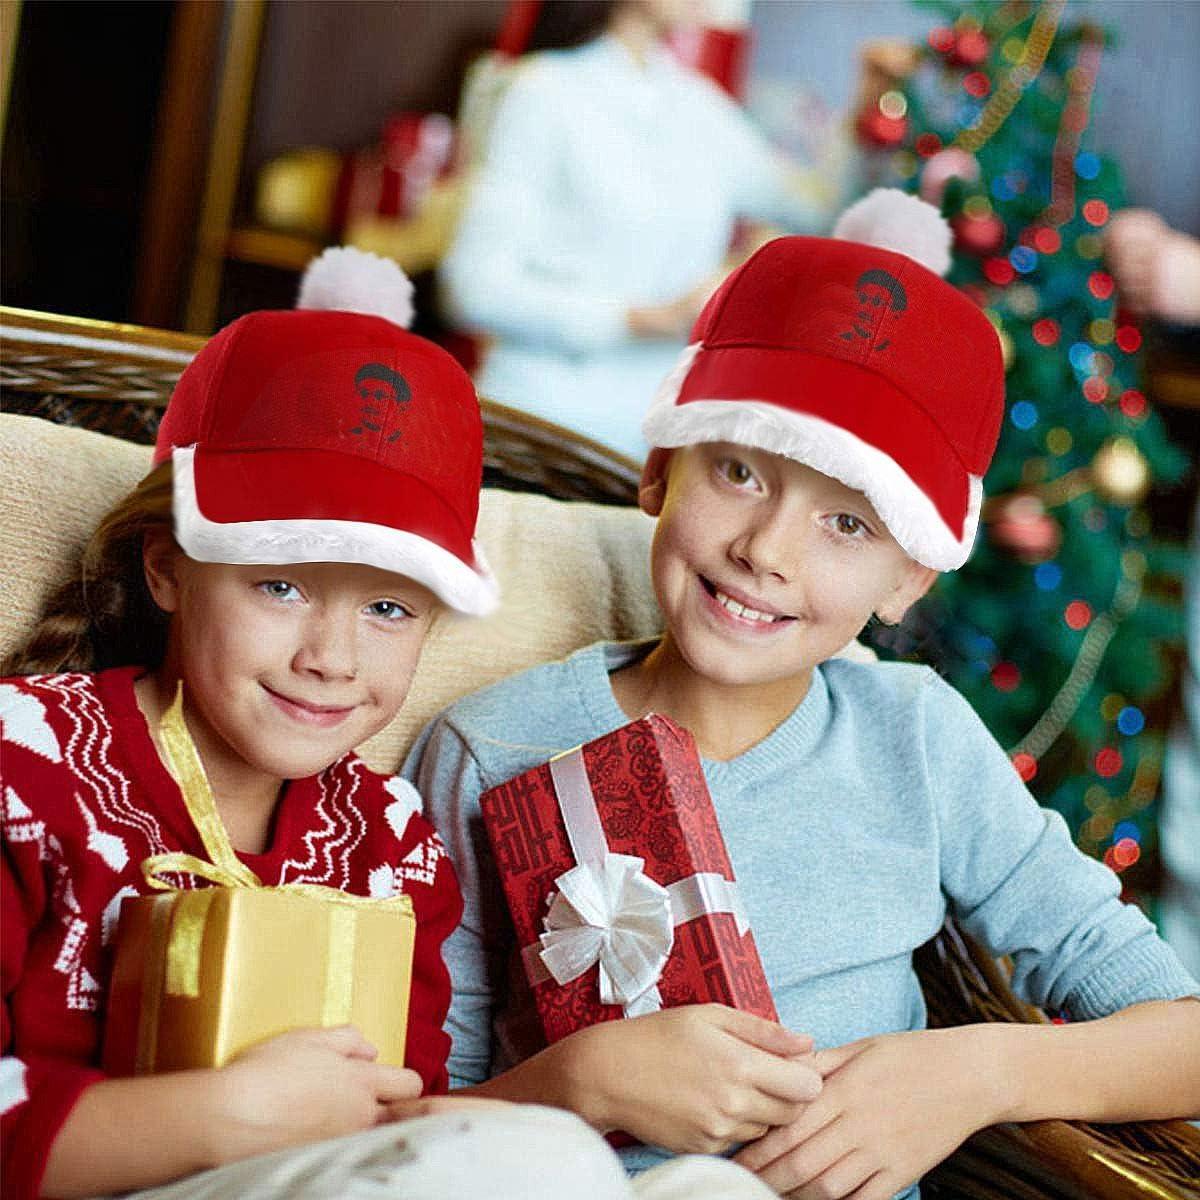 AHISHNF Edward Snowden Cheguevara Revolution Gorra de béisbol de Papá Noel para niños, Adultos, familias, Celebraciones, Año Nuevo: Amazon.es: Ropa y accesorios